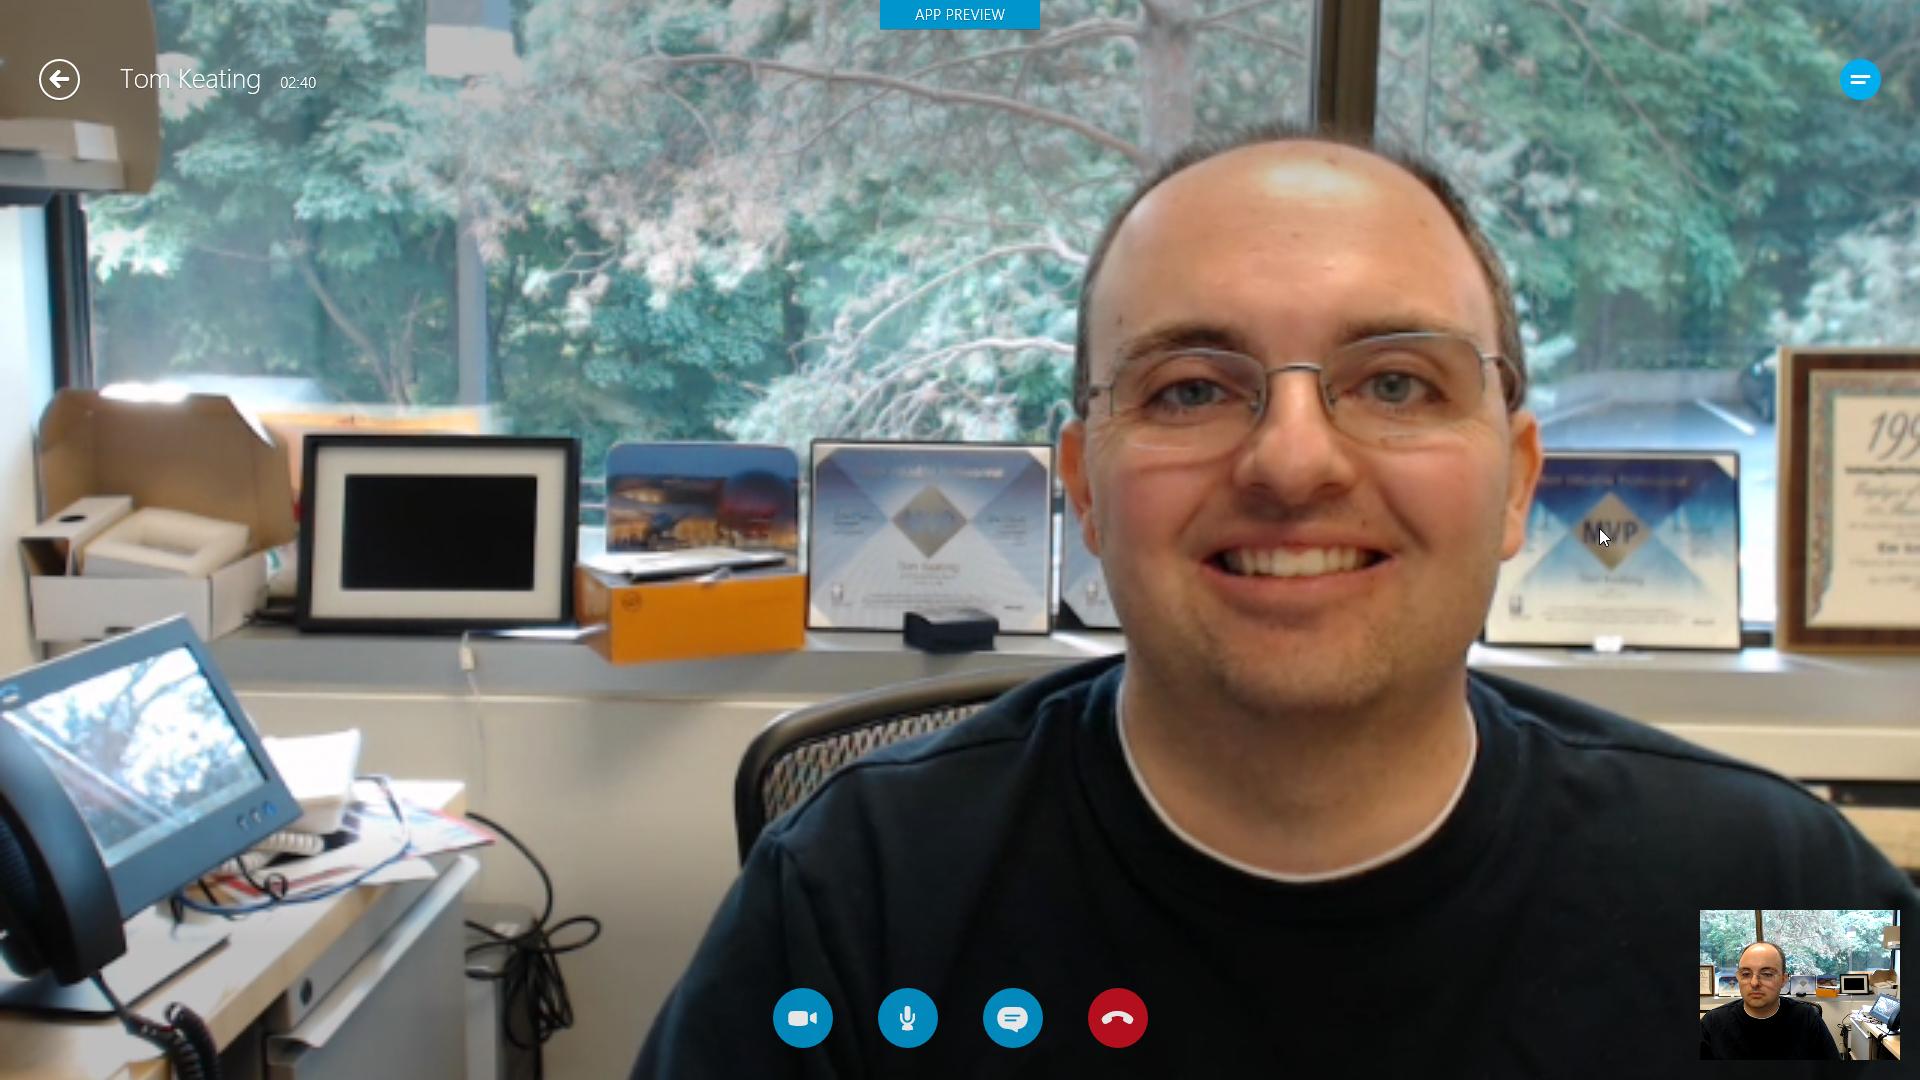 Skype for Windows 8 Metro / Modern UI How.